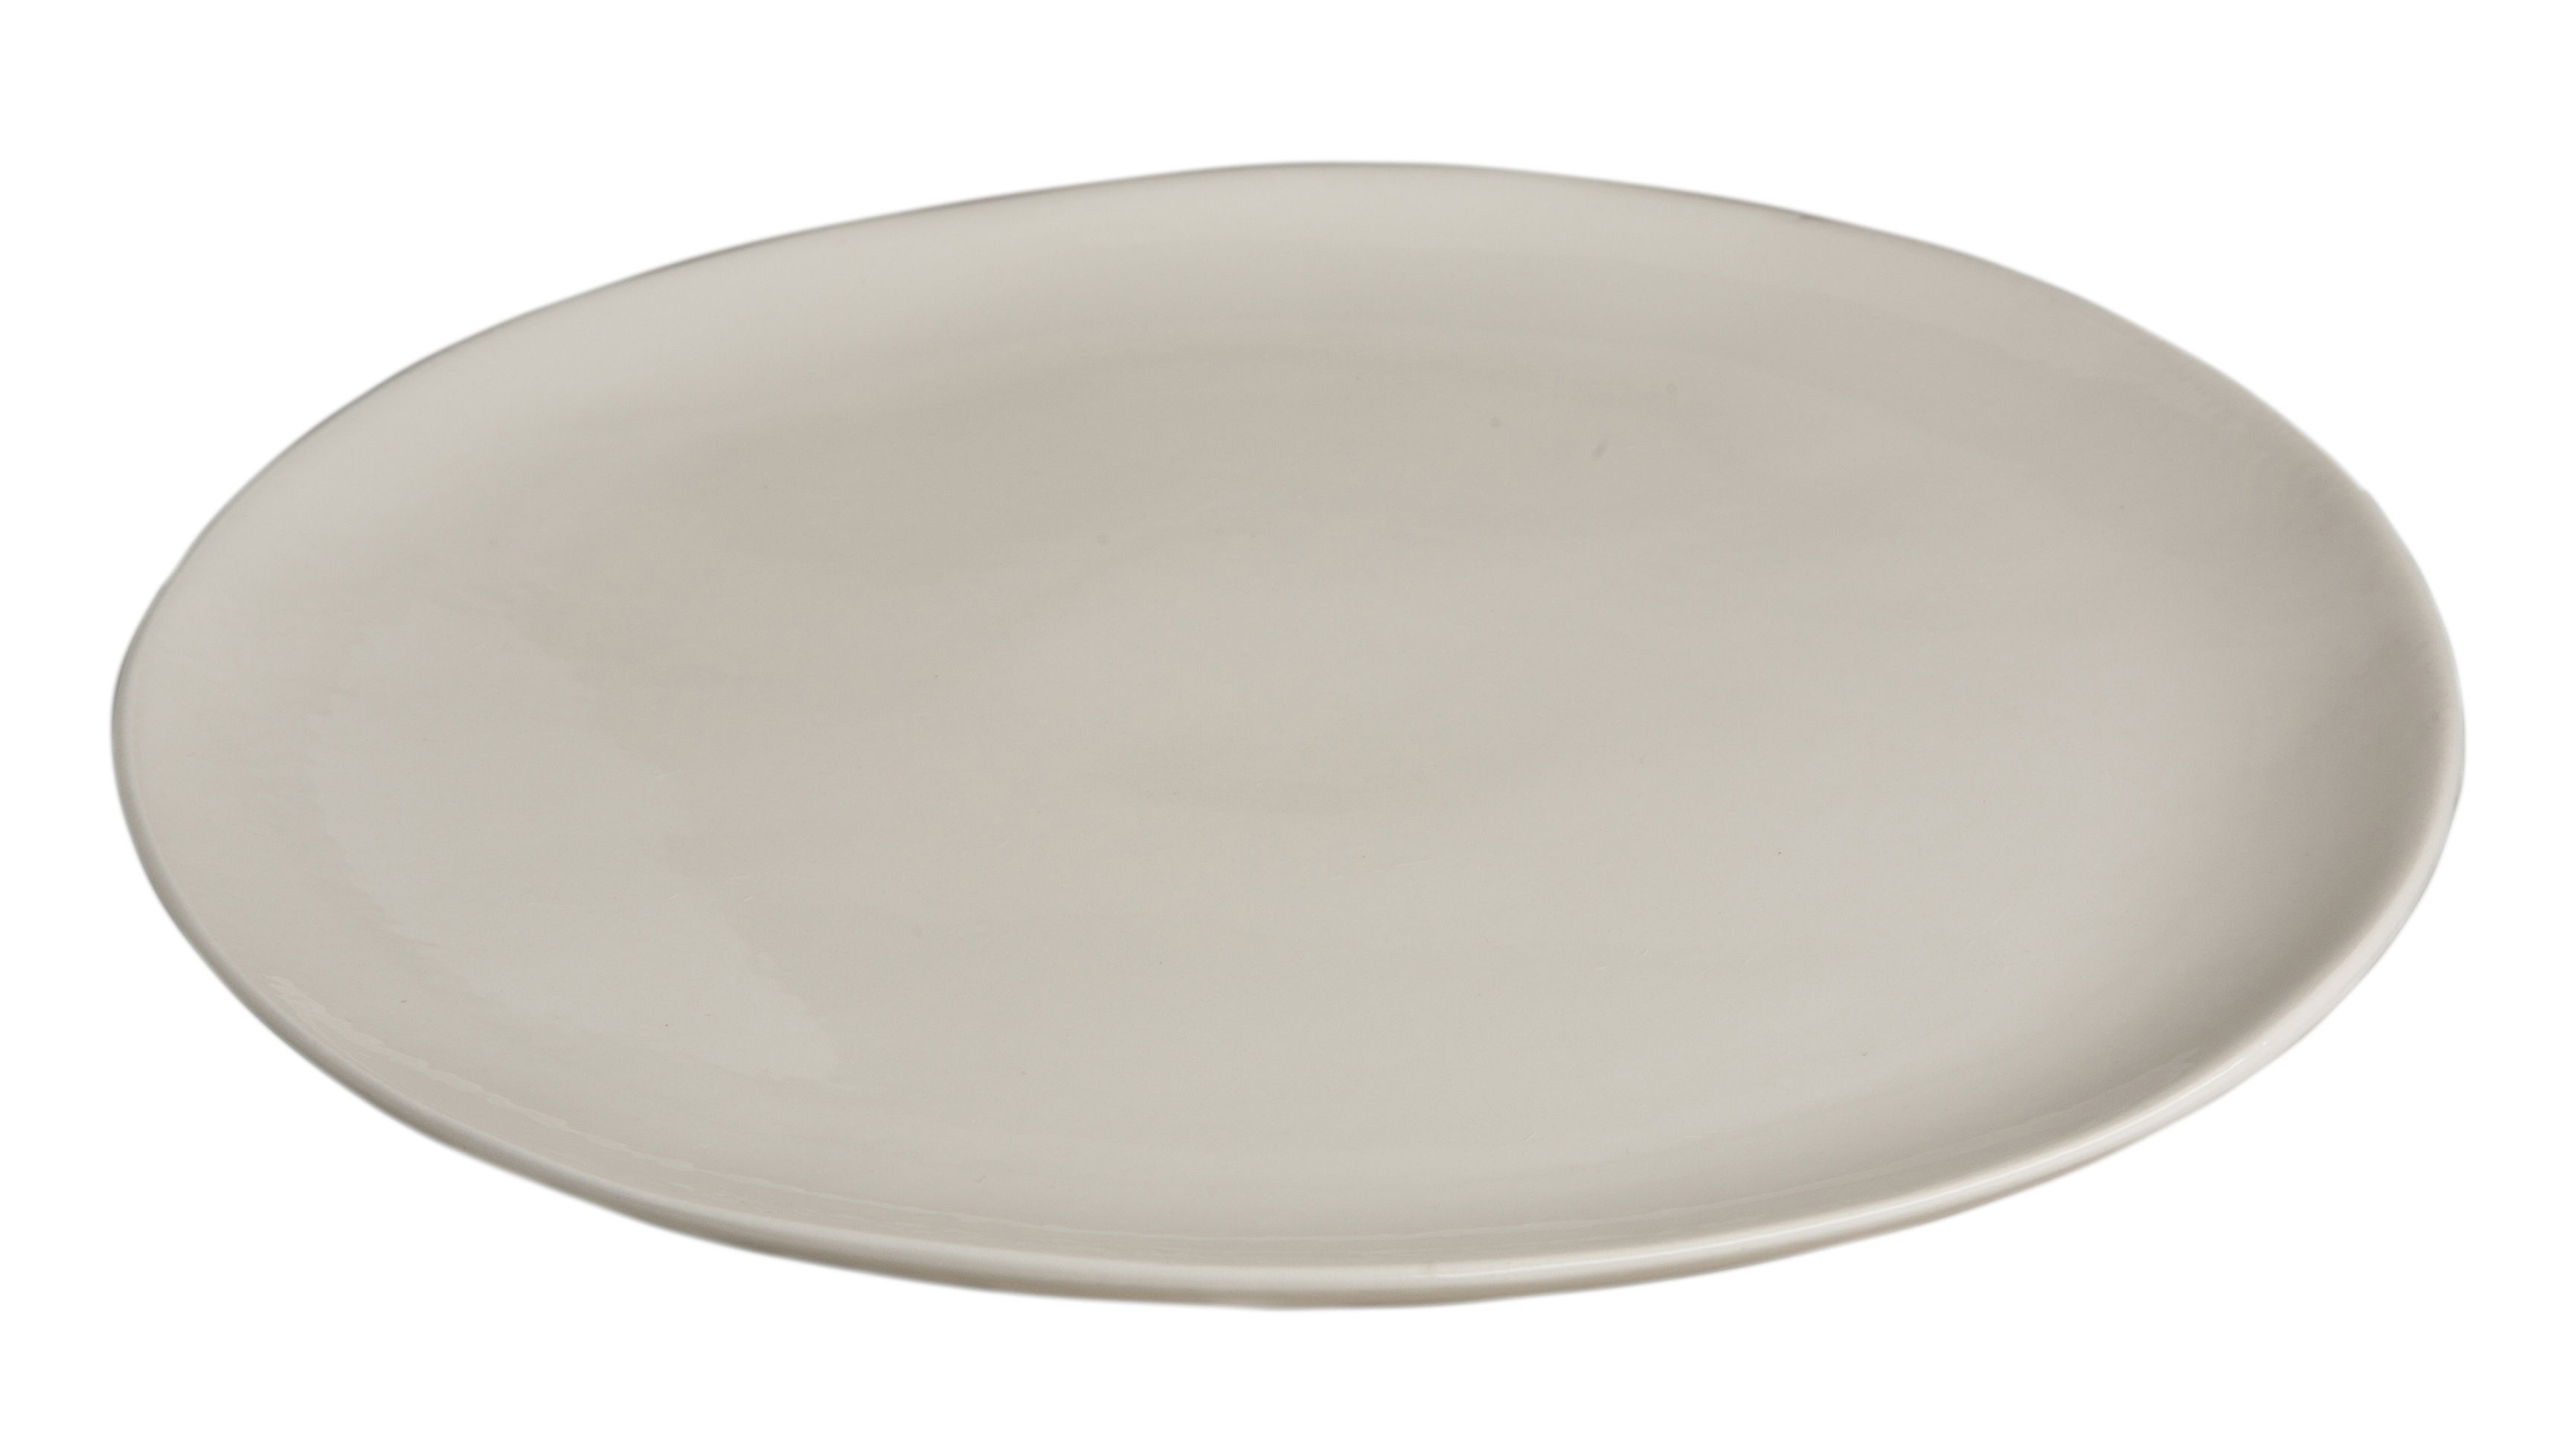 Tischkultur - Teller - Bazelaire Teller Ø 26 cm - emaillierte Fayence-Keramik - Sentou Edition - Altweiß - emaillierte Fayence